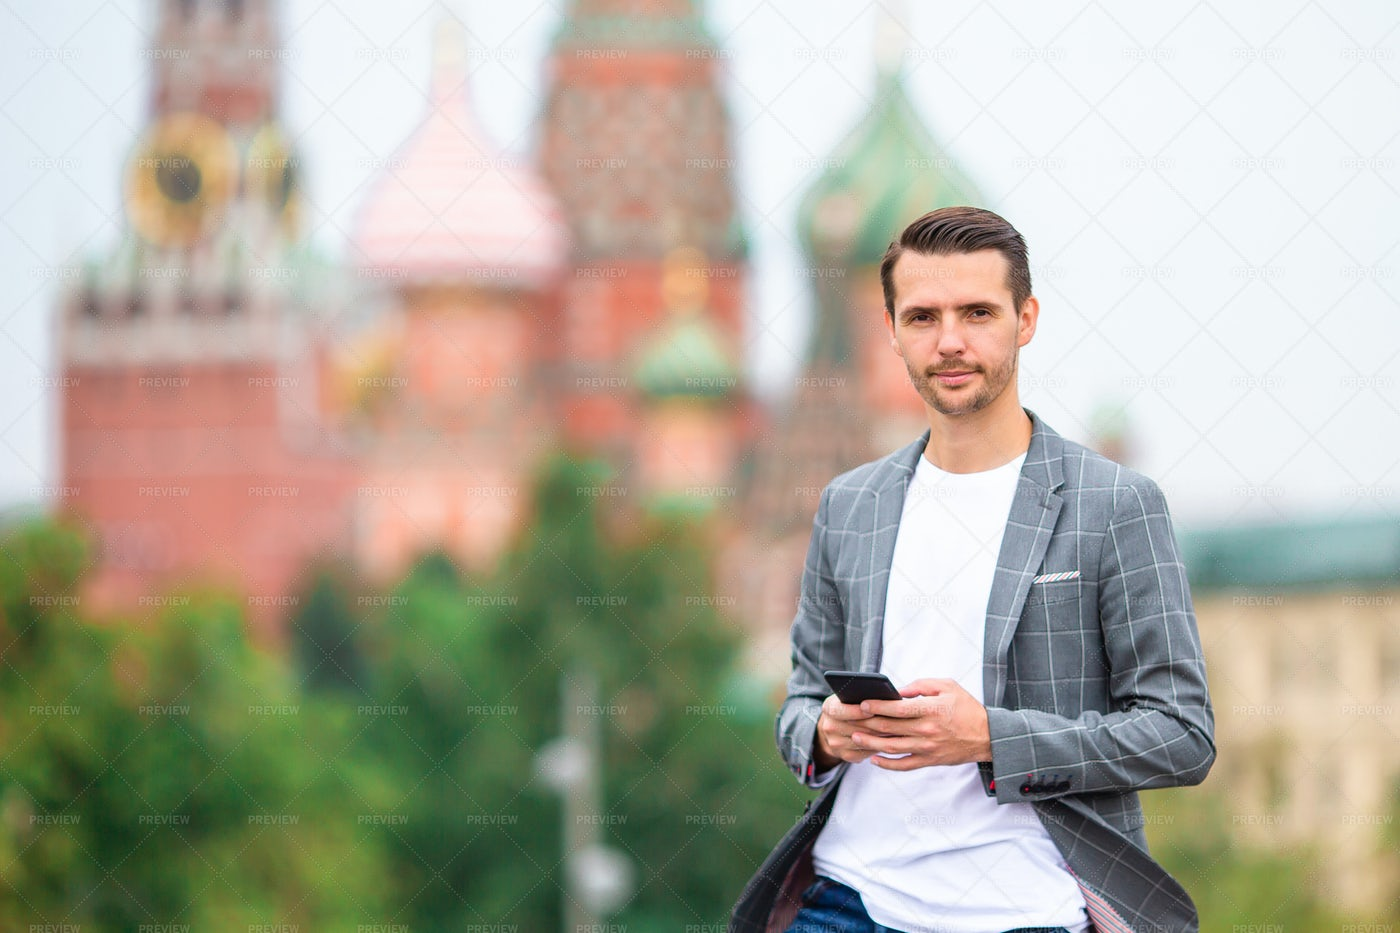 Urban Man In Moscow: Stock Photos